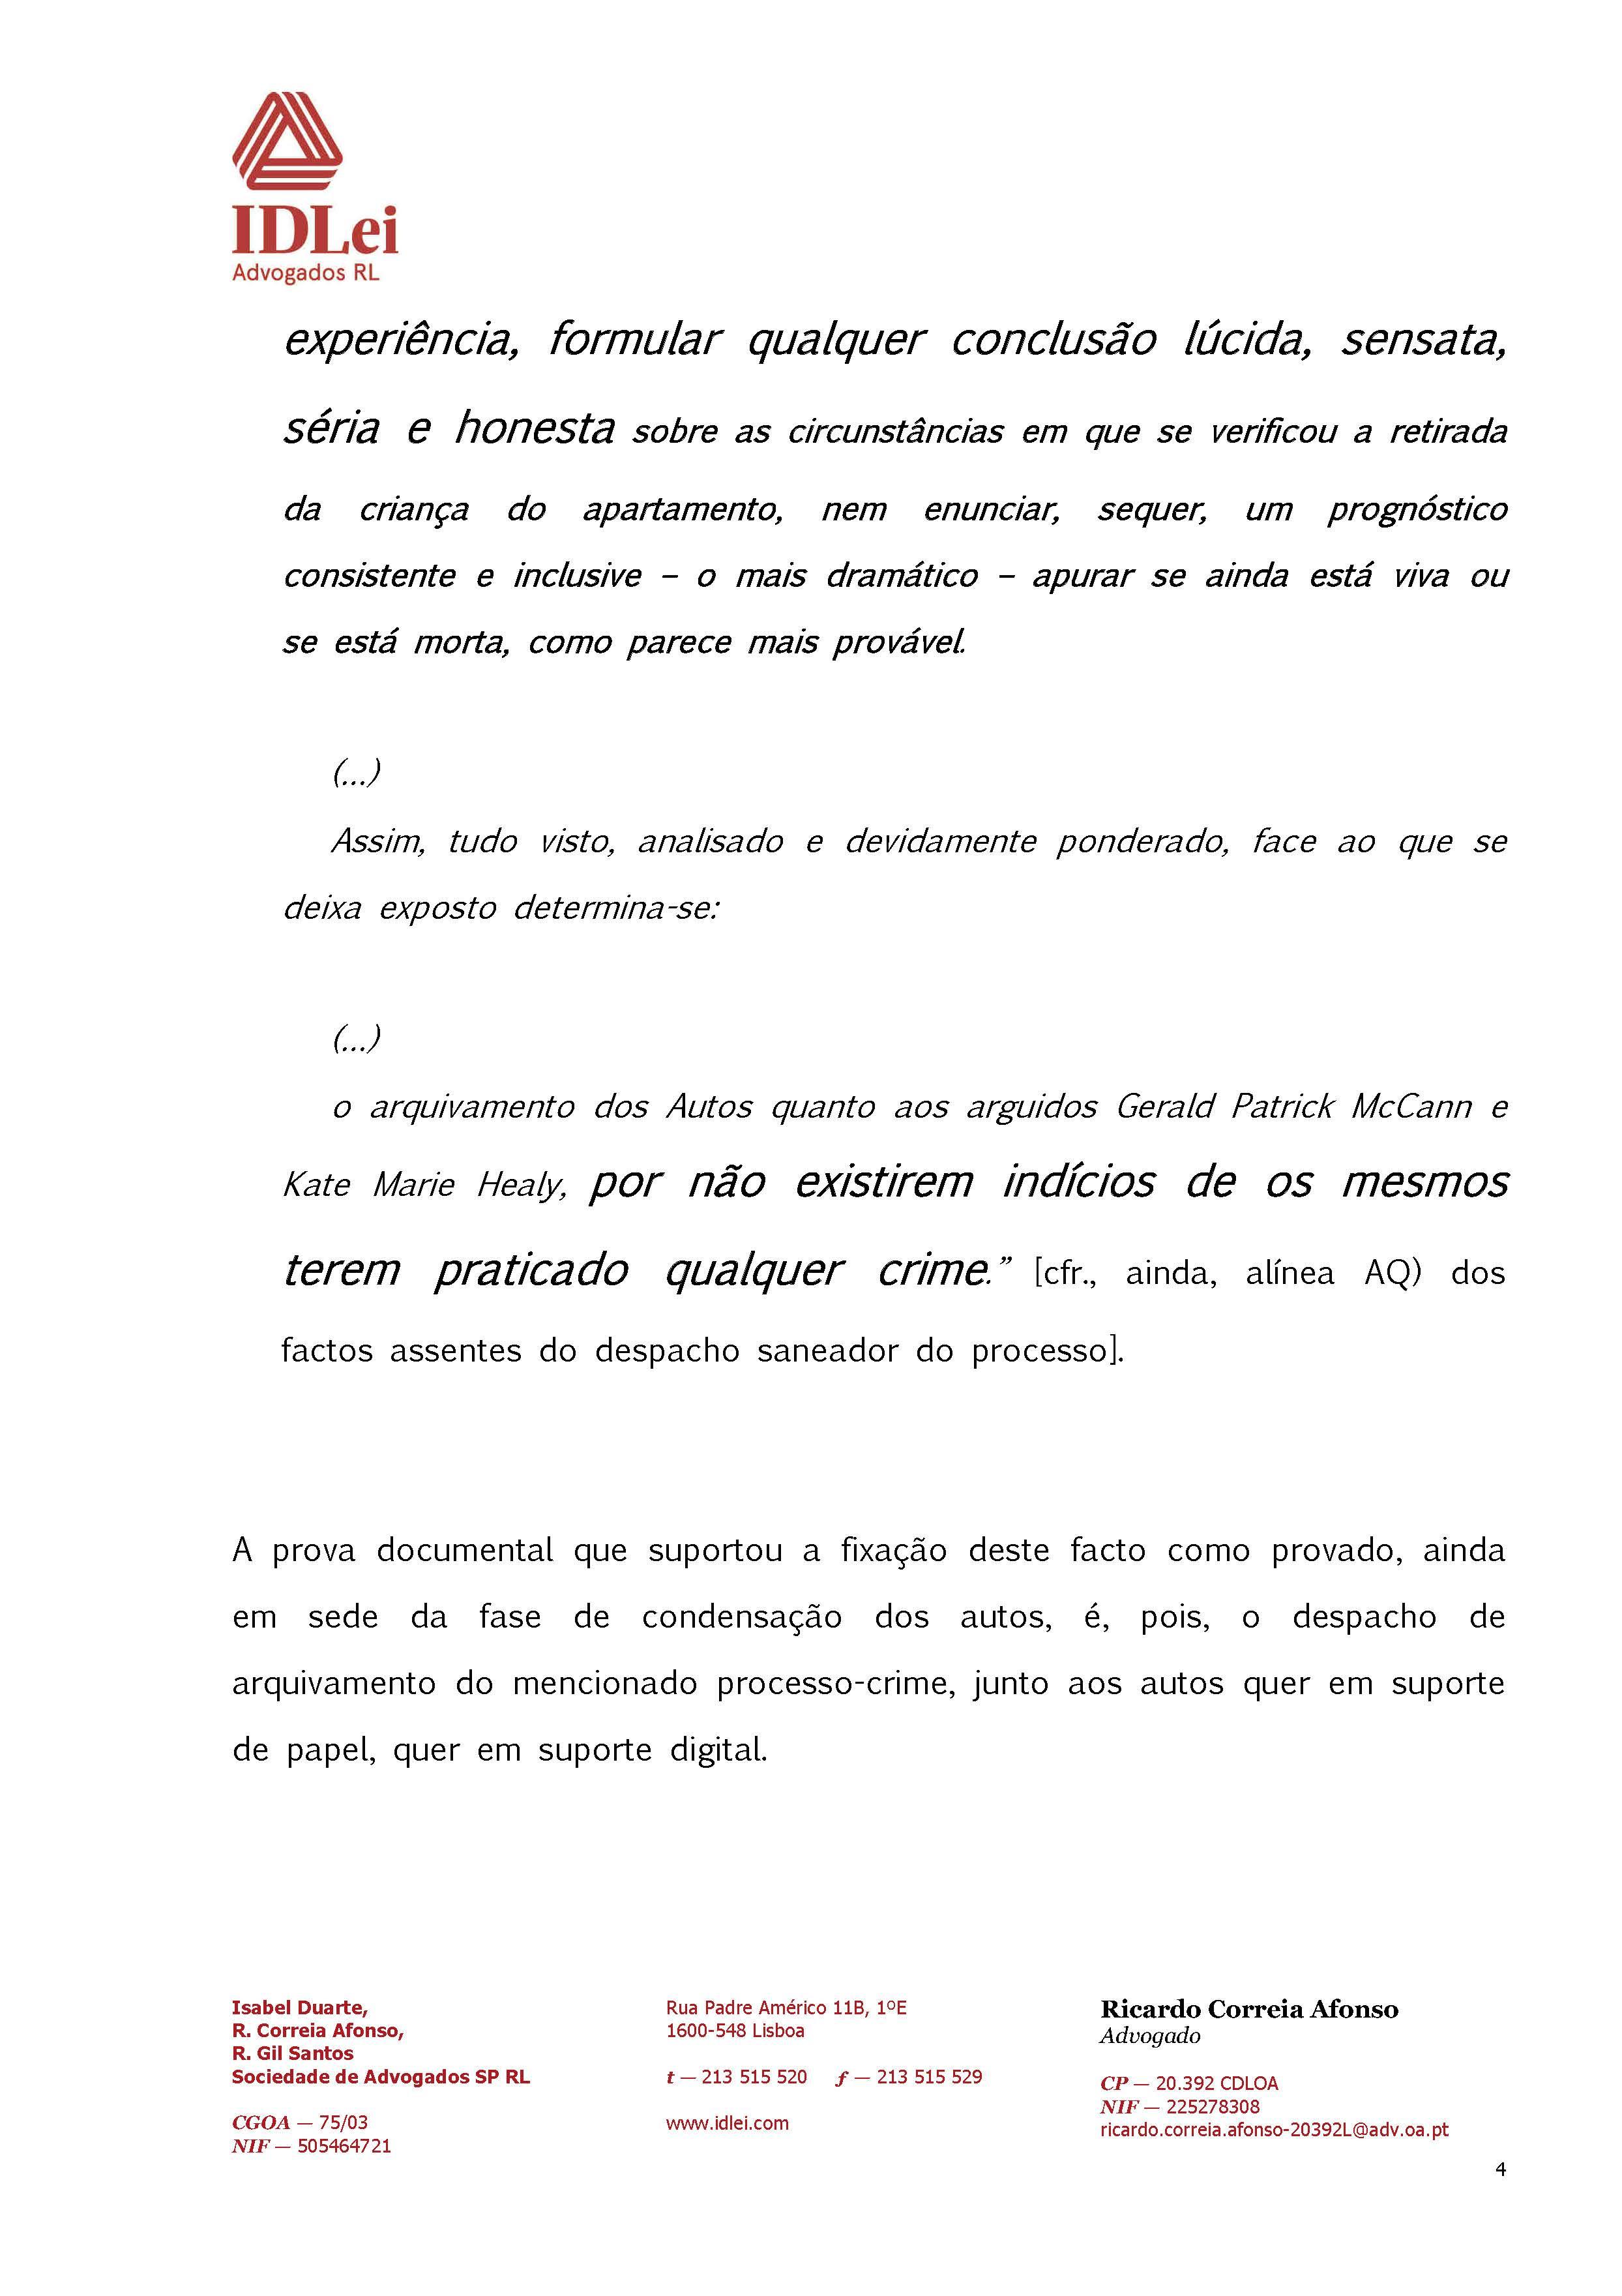 http://www.gerrymccannsblogs.co.uk/A/Arguicao_de%20Nulidade_do_Acordao_Page_4.jpg